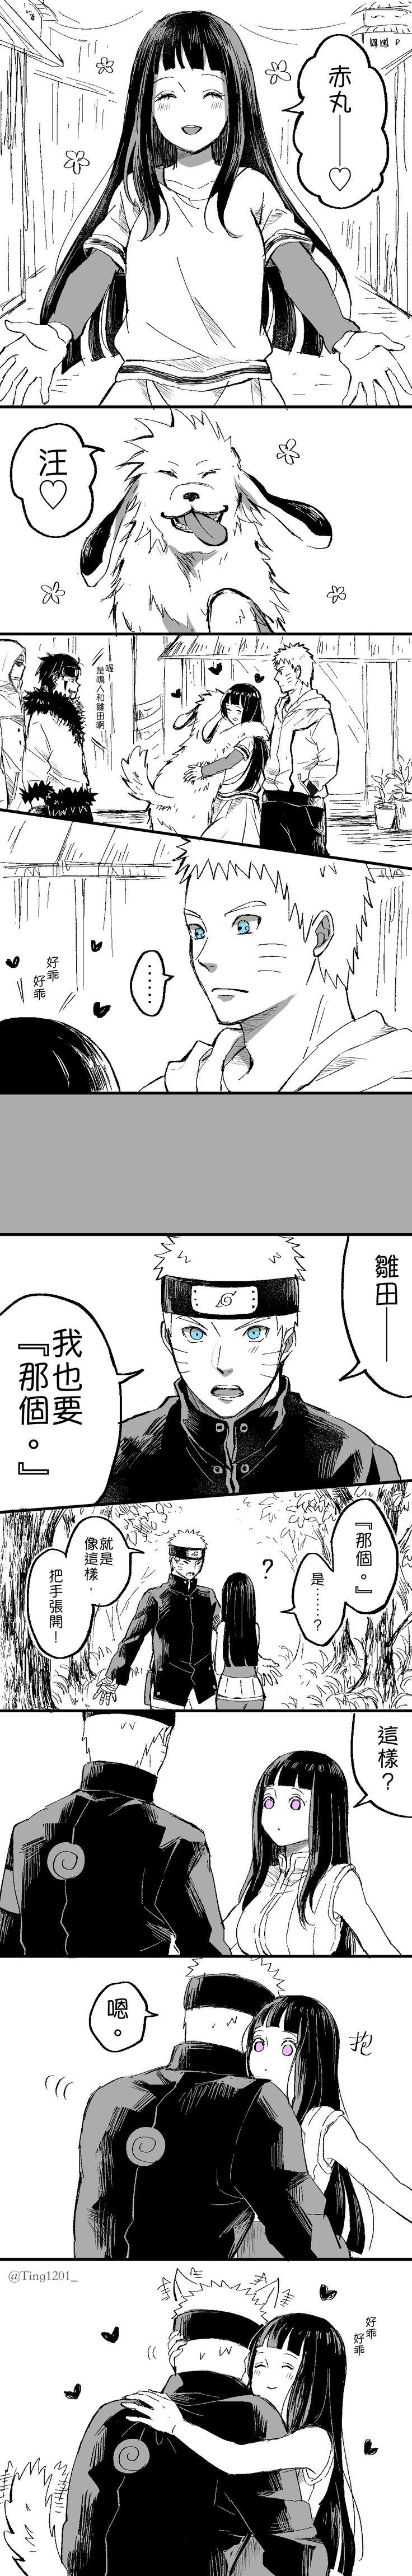 Tags: NARUTO, Uzumaki Naruto, Hyuuga Hinata, Comic, Pixiv, Inuzuka Kiba, Aburame Shino, Translation Request, Akamaru (NARUTO), Pixiv Id 15840403